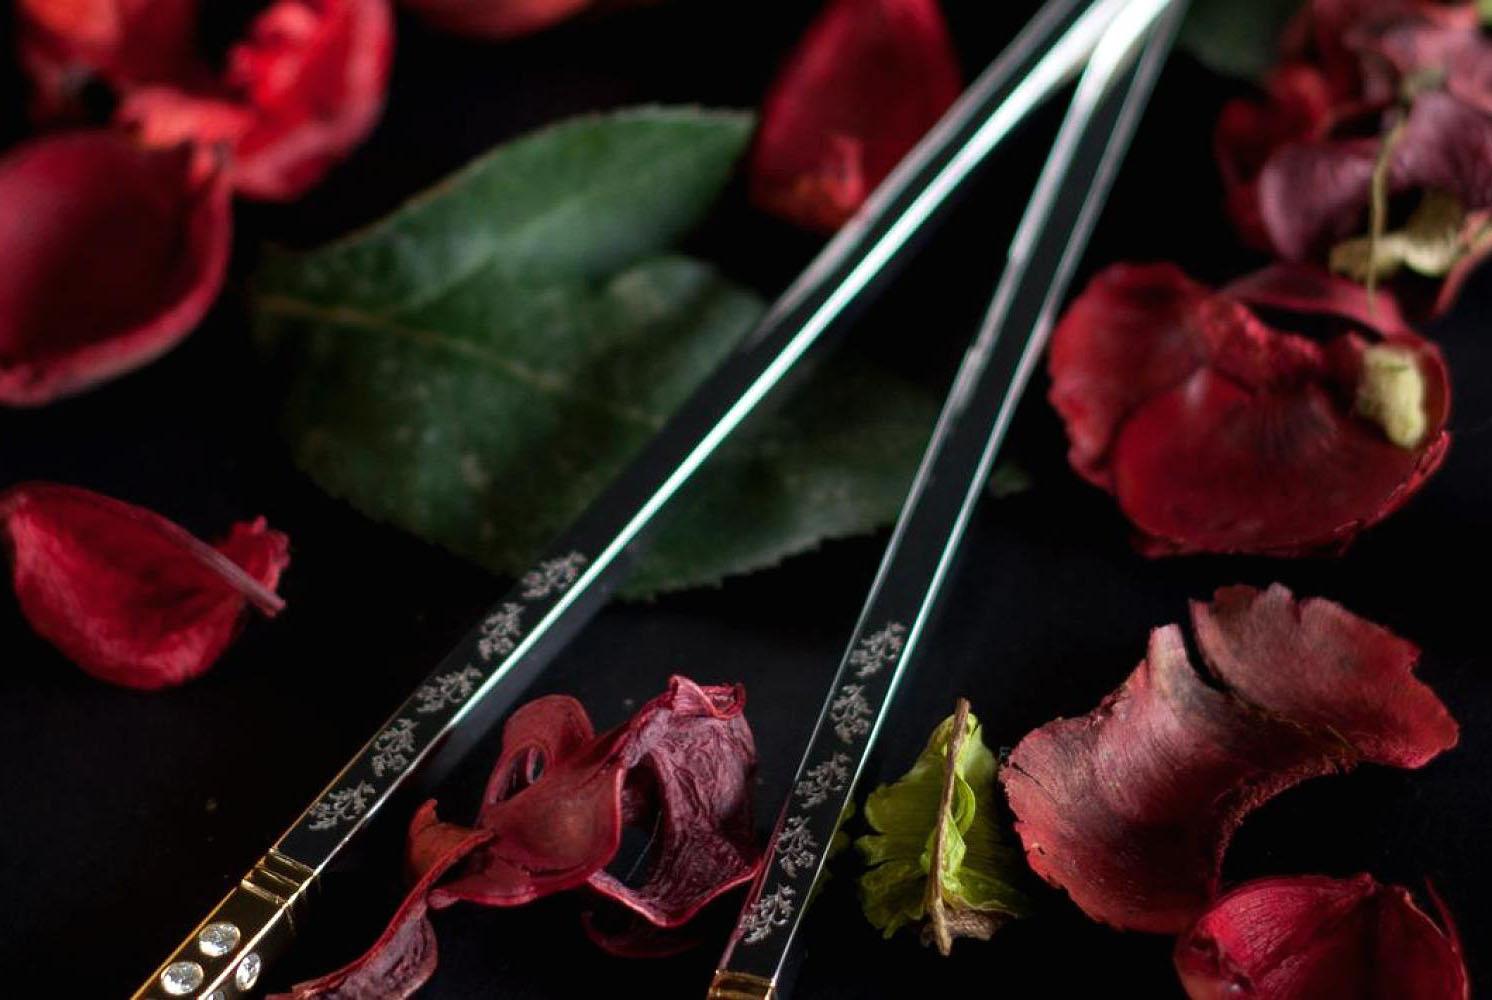 cena, lujo, chopsticks, palillos chinos, diamantes, oro, rosas